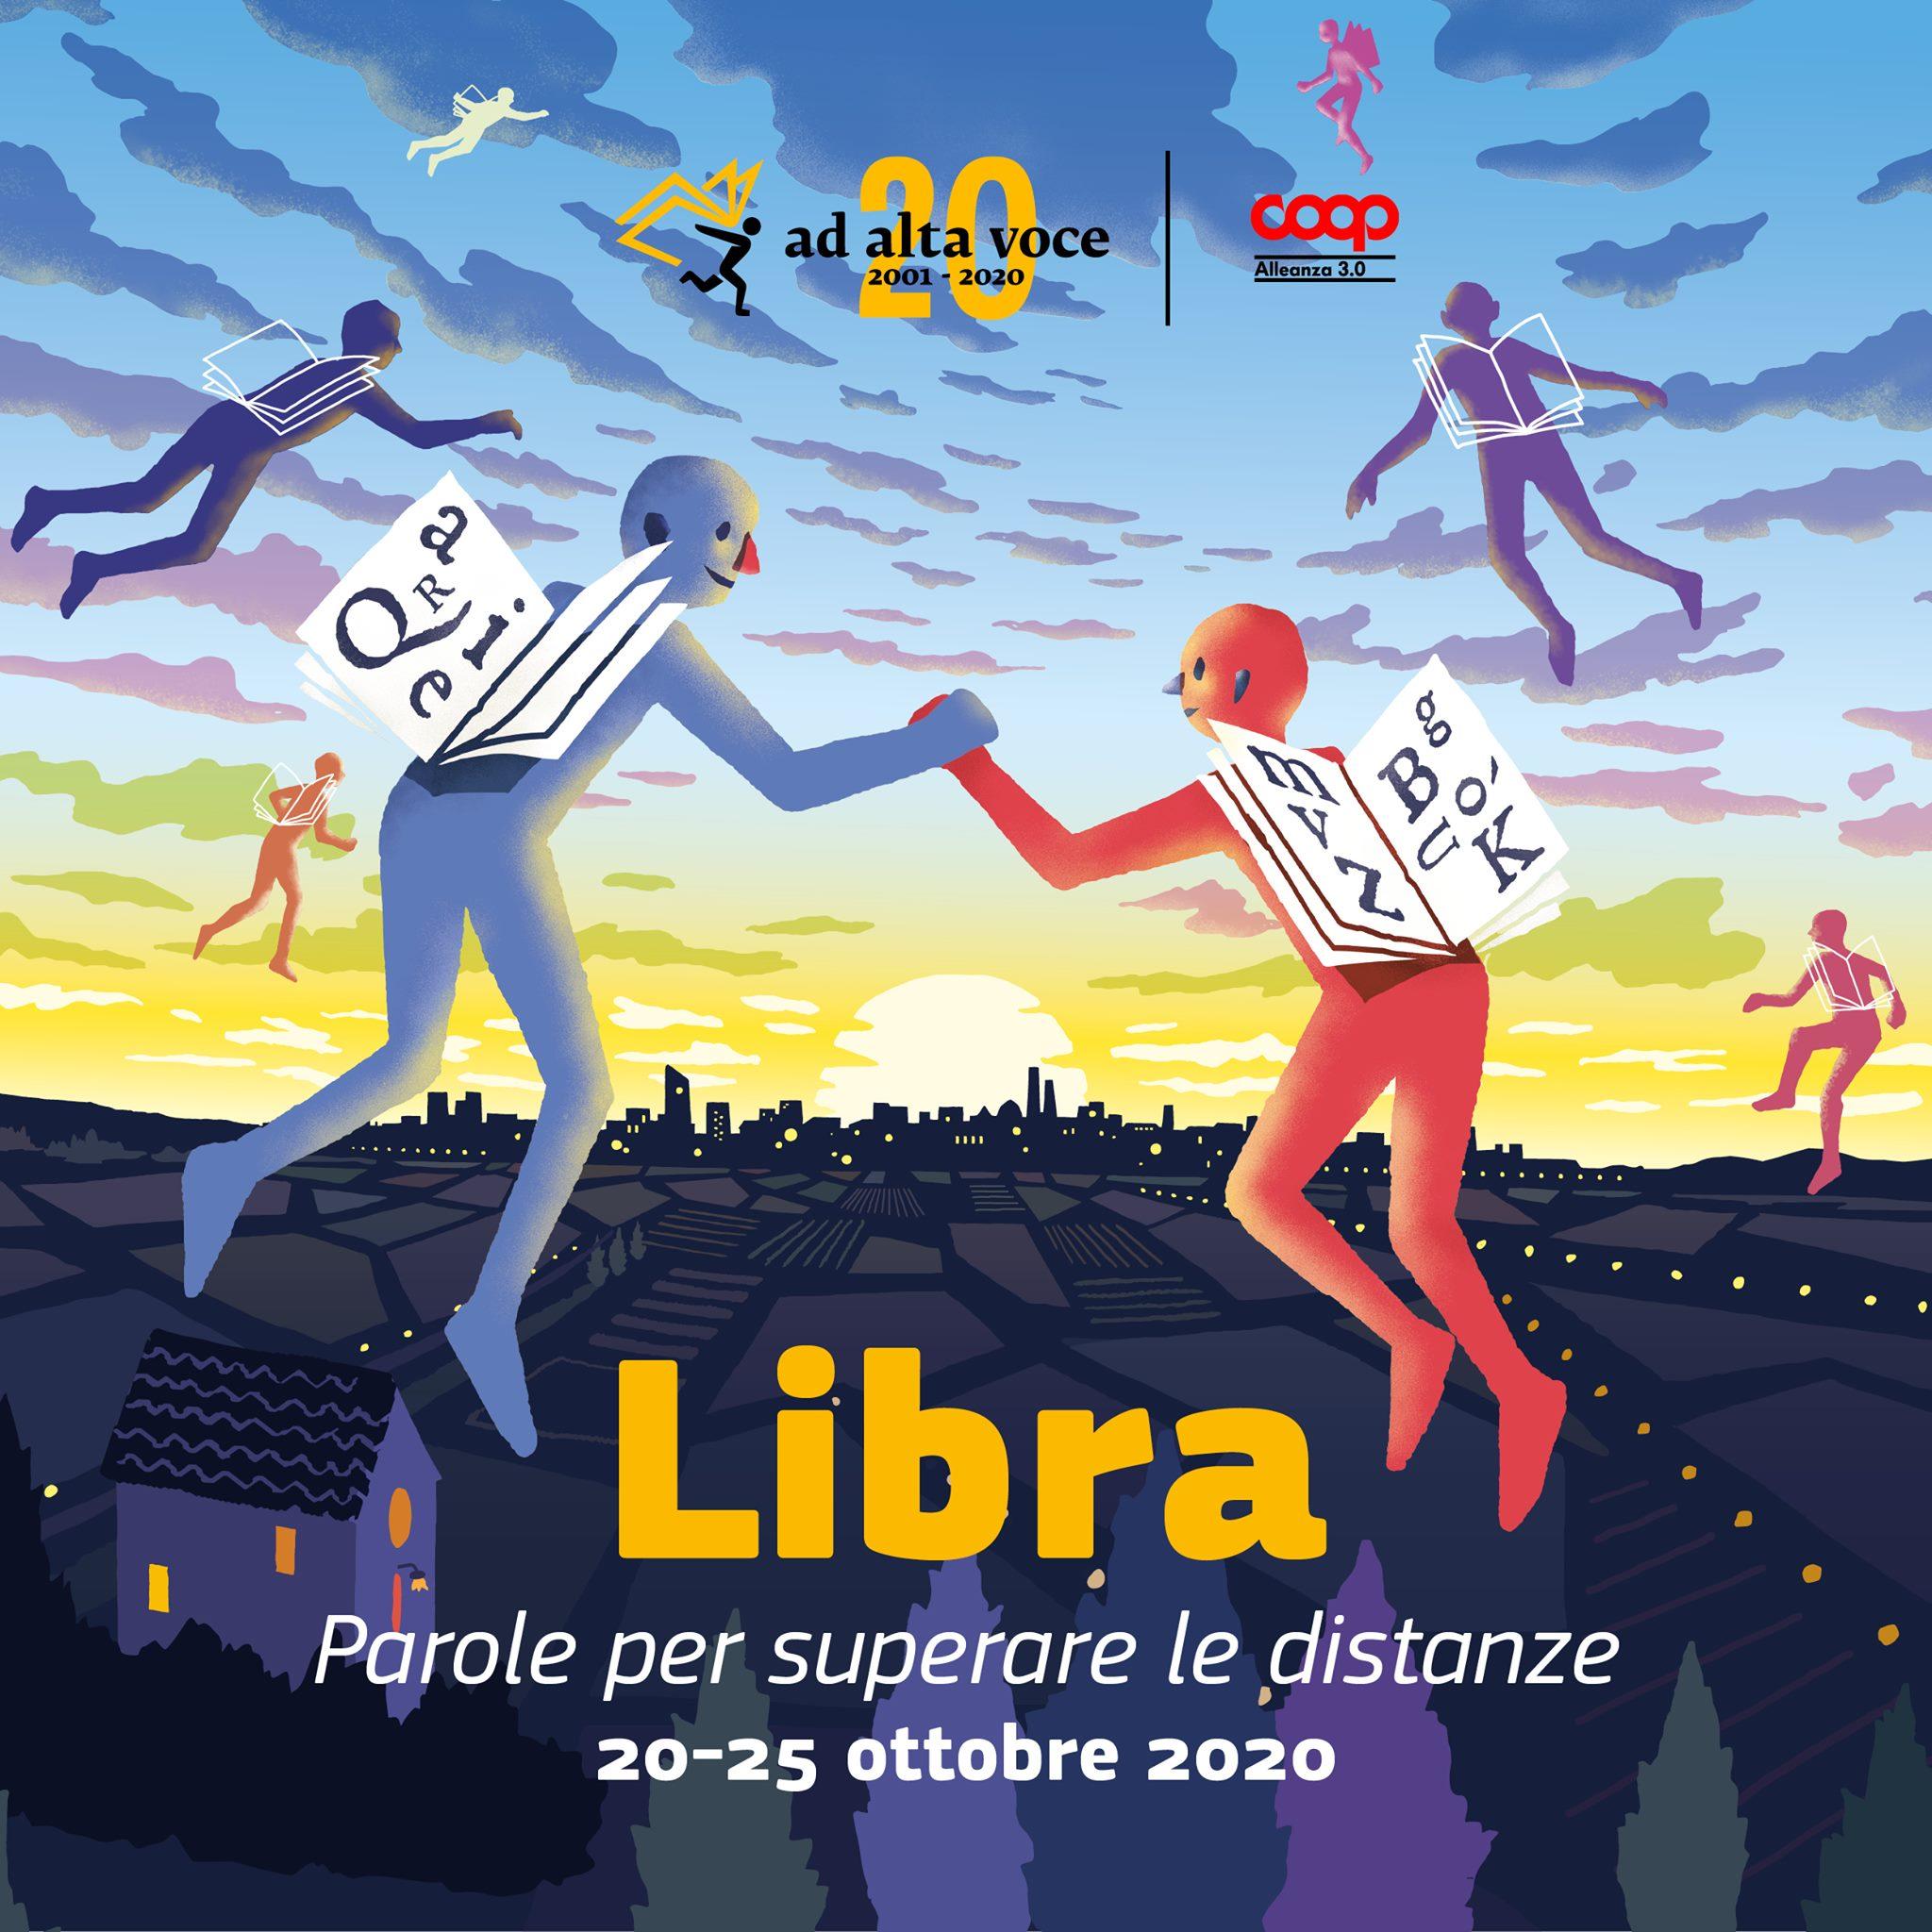 Ad Alta Voce: dal 20 al 25 ottobre la ventesima edizione del festival culturale promosso da Coop Alleanza 3.0